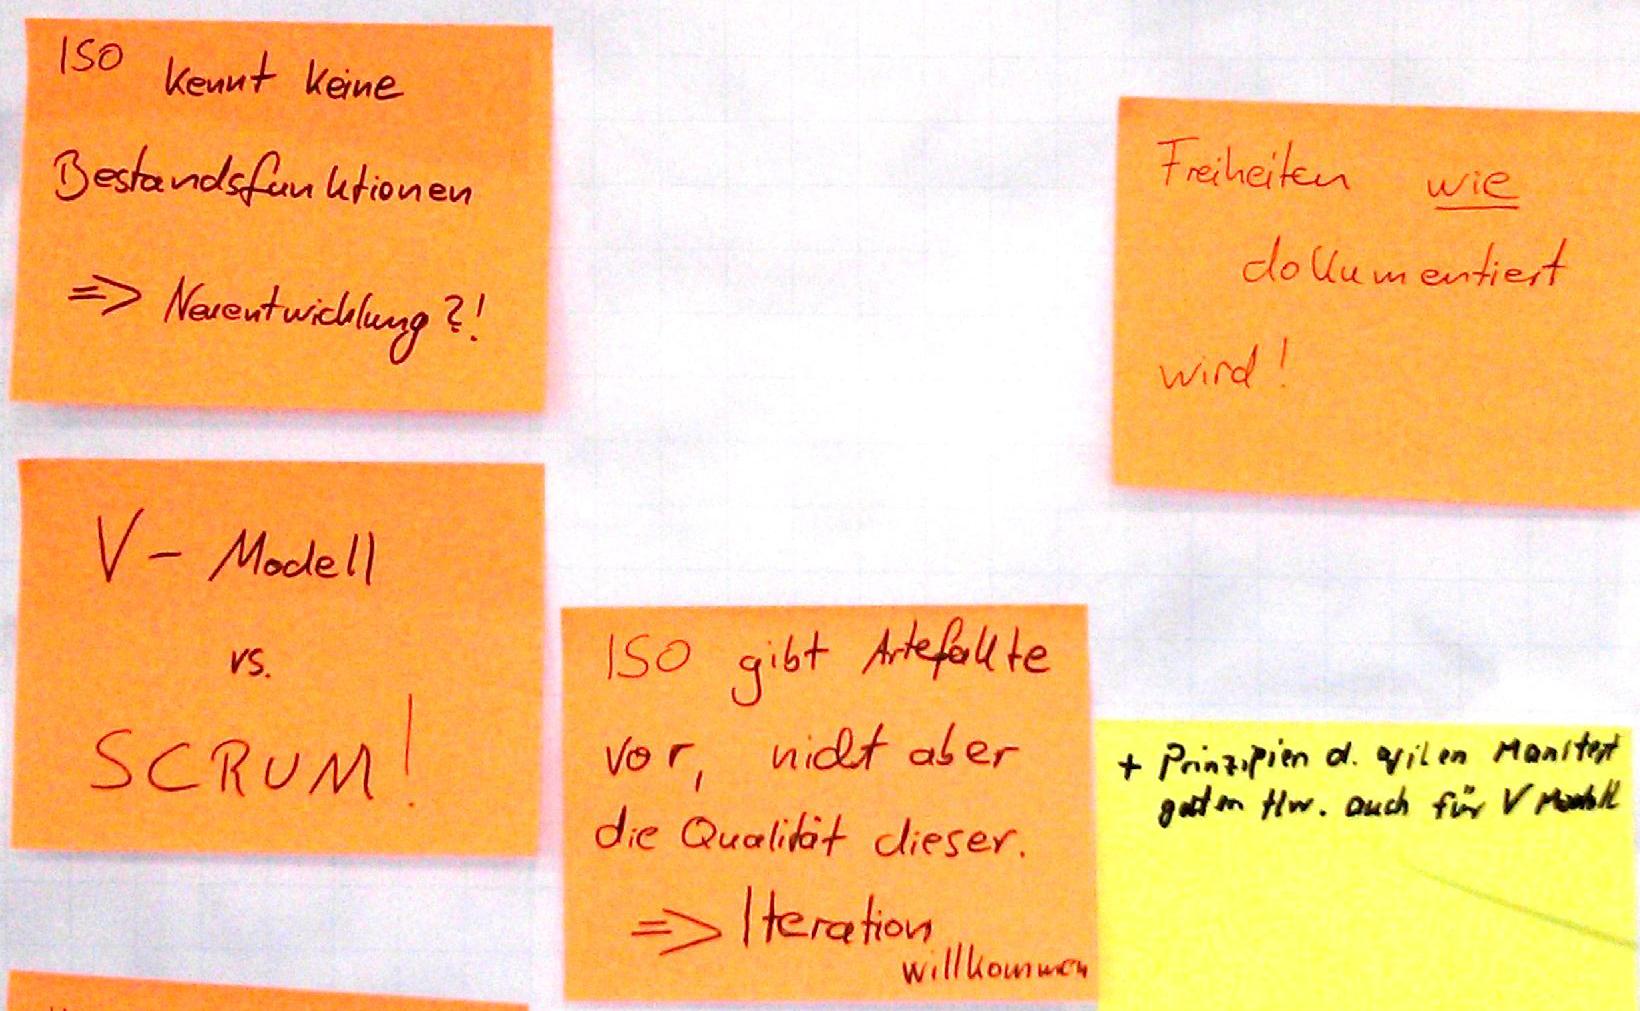 ISO26262/Scrum - Gemeinsamkeiten und Widersprüche